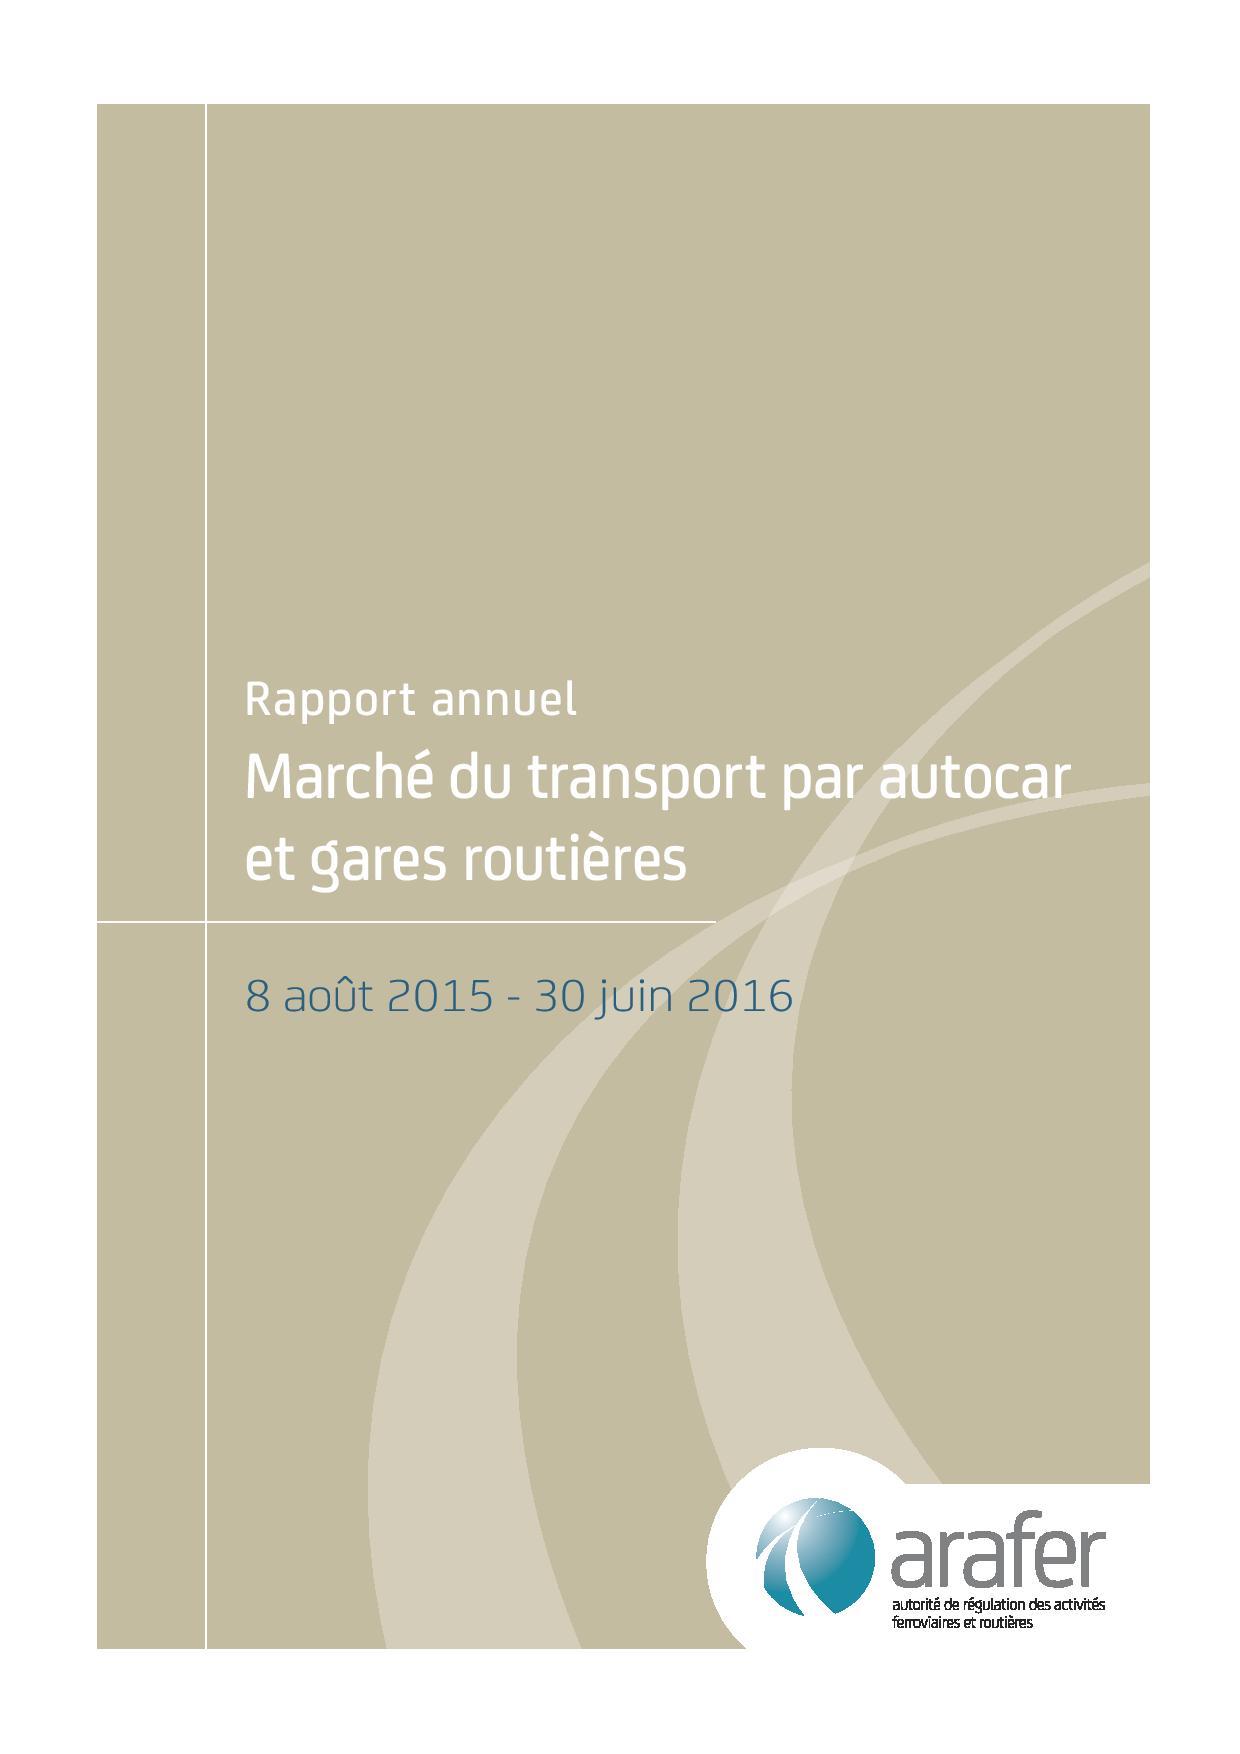 rapport-annuel-autocars-gares-routieres_novembre2016-page-001